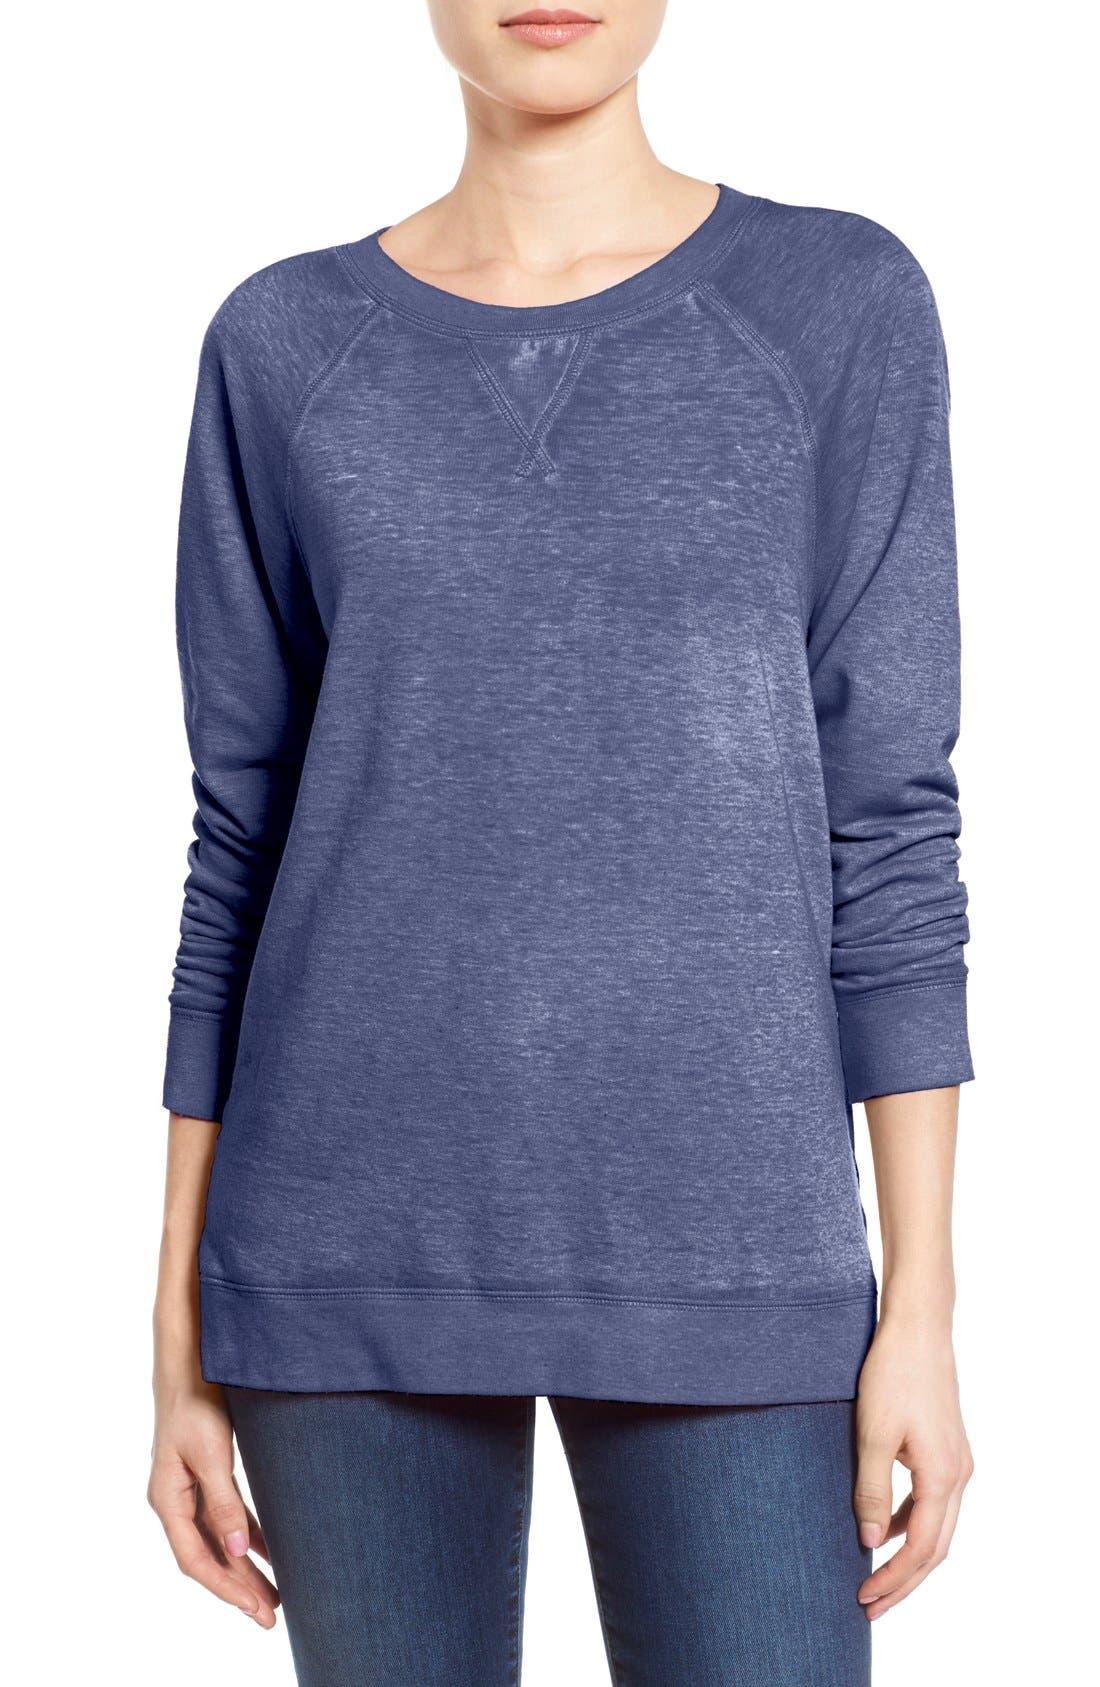 Burnout Sweatshirt,                         Main,                         color, Navy Indigo